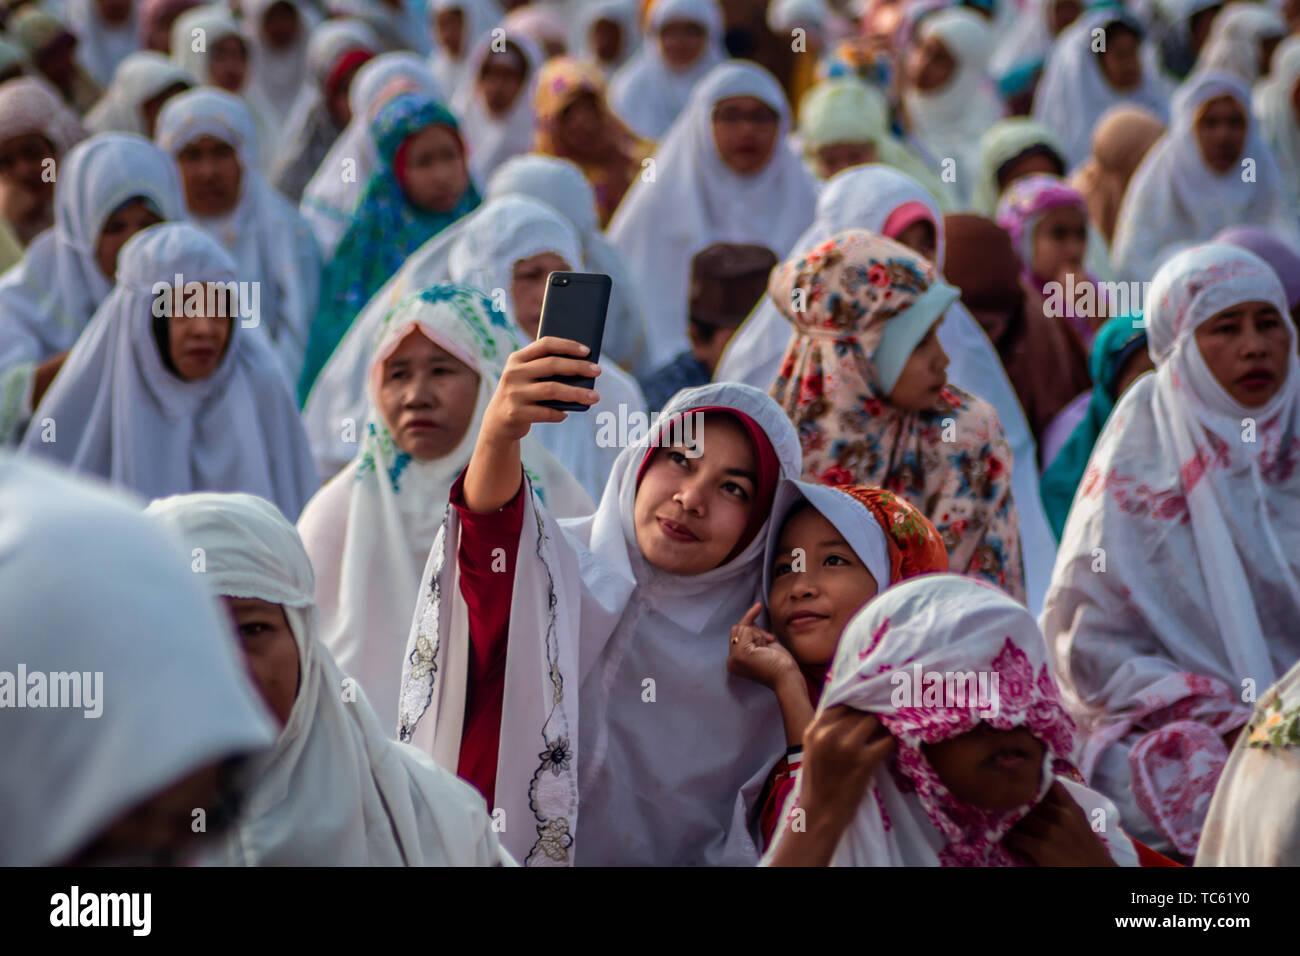 Yogyakarta, Indonésie. Le 05 juin, 2019. Musulmans indonésiens effectuer l'Eid al-Fitr prière sur Pasir Gumuk (dune de sable) à Parangkusumo Beach de Bantul, Yogyakarta, Indonésie. Les musulmans du monde entier célèbrent l'Aïd al-Fitr qui est festival après le mois sacré du Ramadan. Credit: Rizqullah Hamiid Saputra/Pacific Press/Alamy Live News Photo Stock